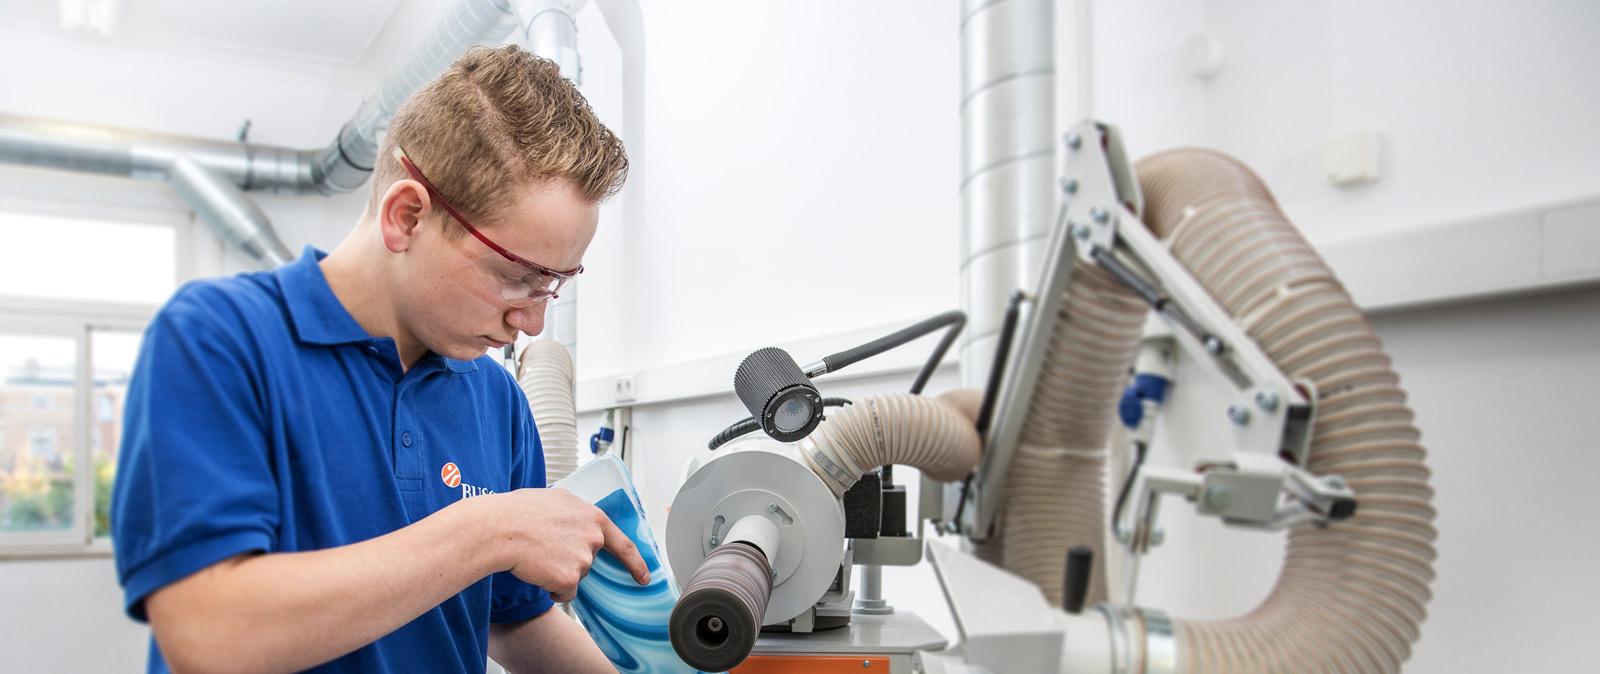 BUSCH. Orthopädietechnik und Sanitätshaus in Halle (Saale) – Produkte